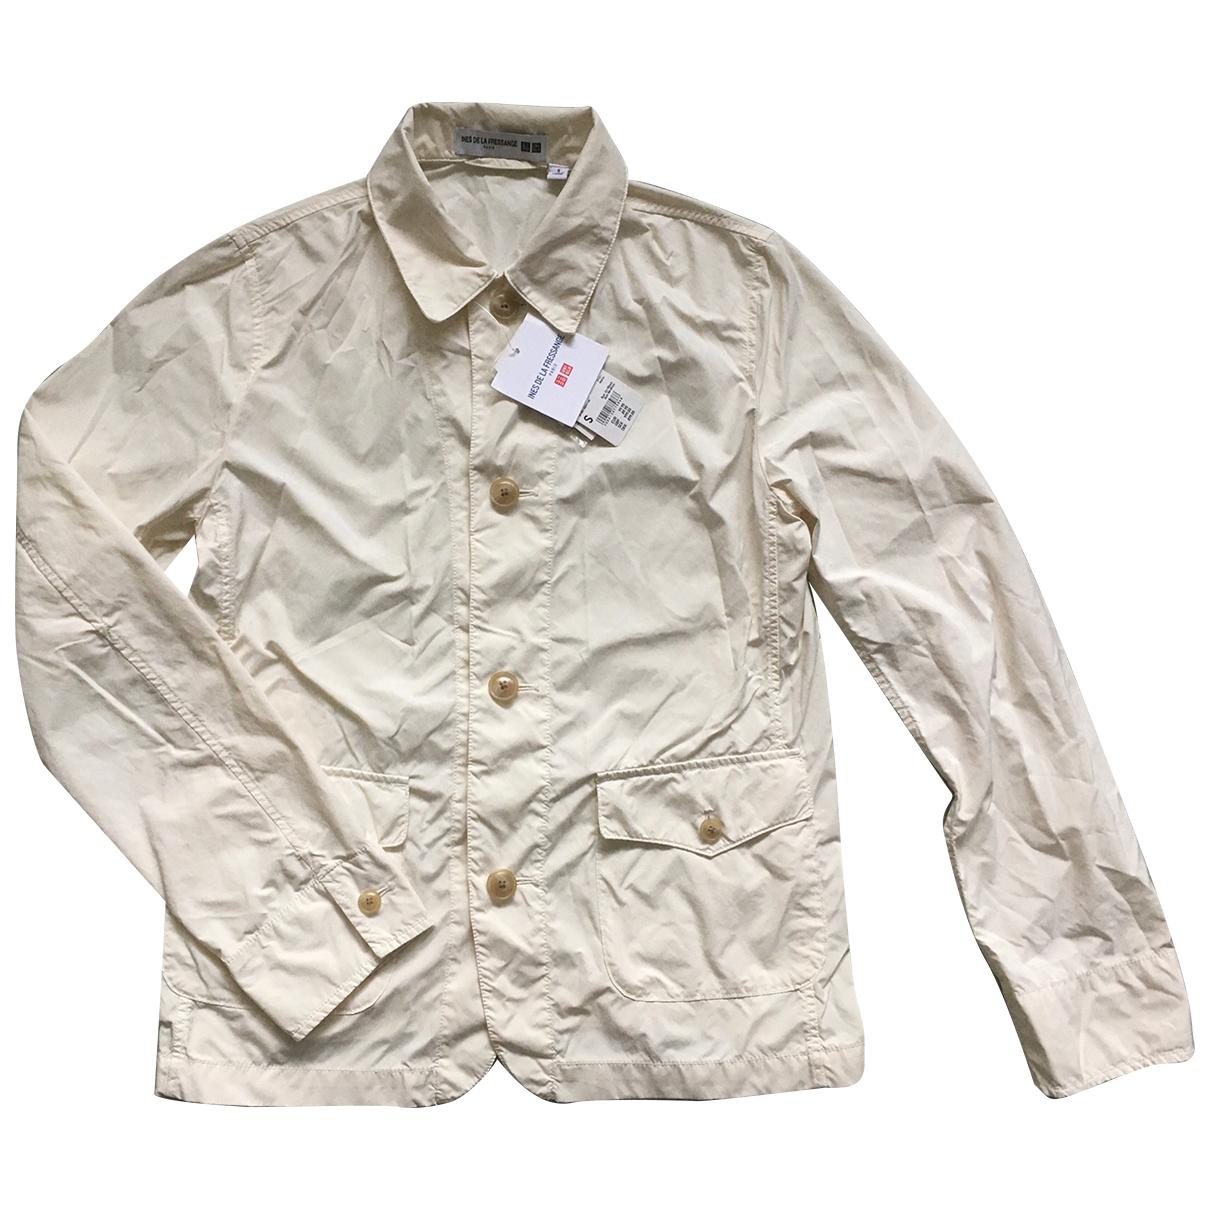 Uniqlo \N Ecru jacket for Women 36 FR